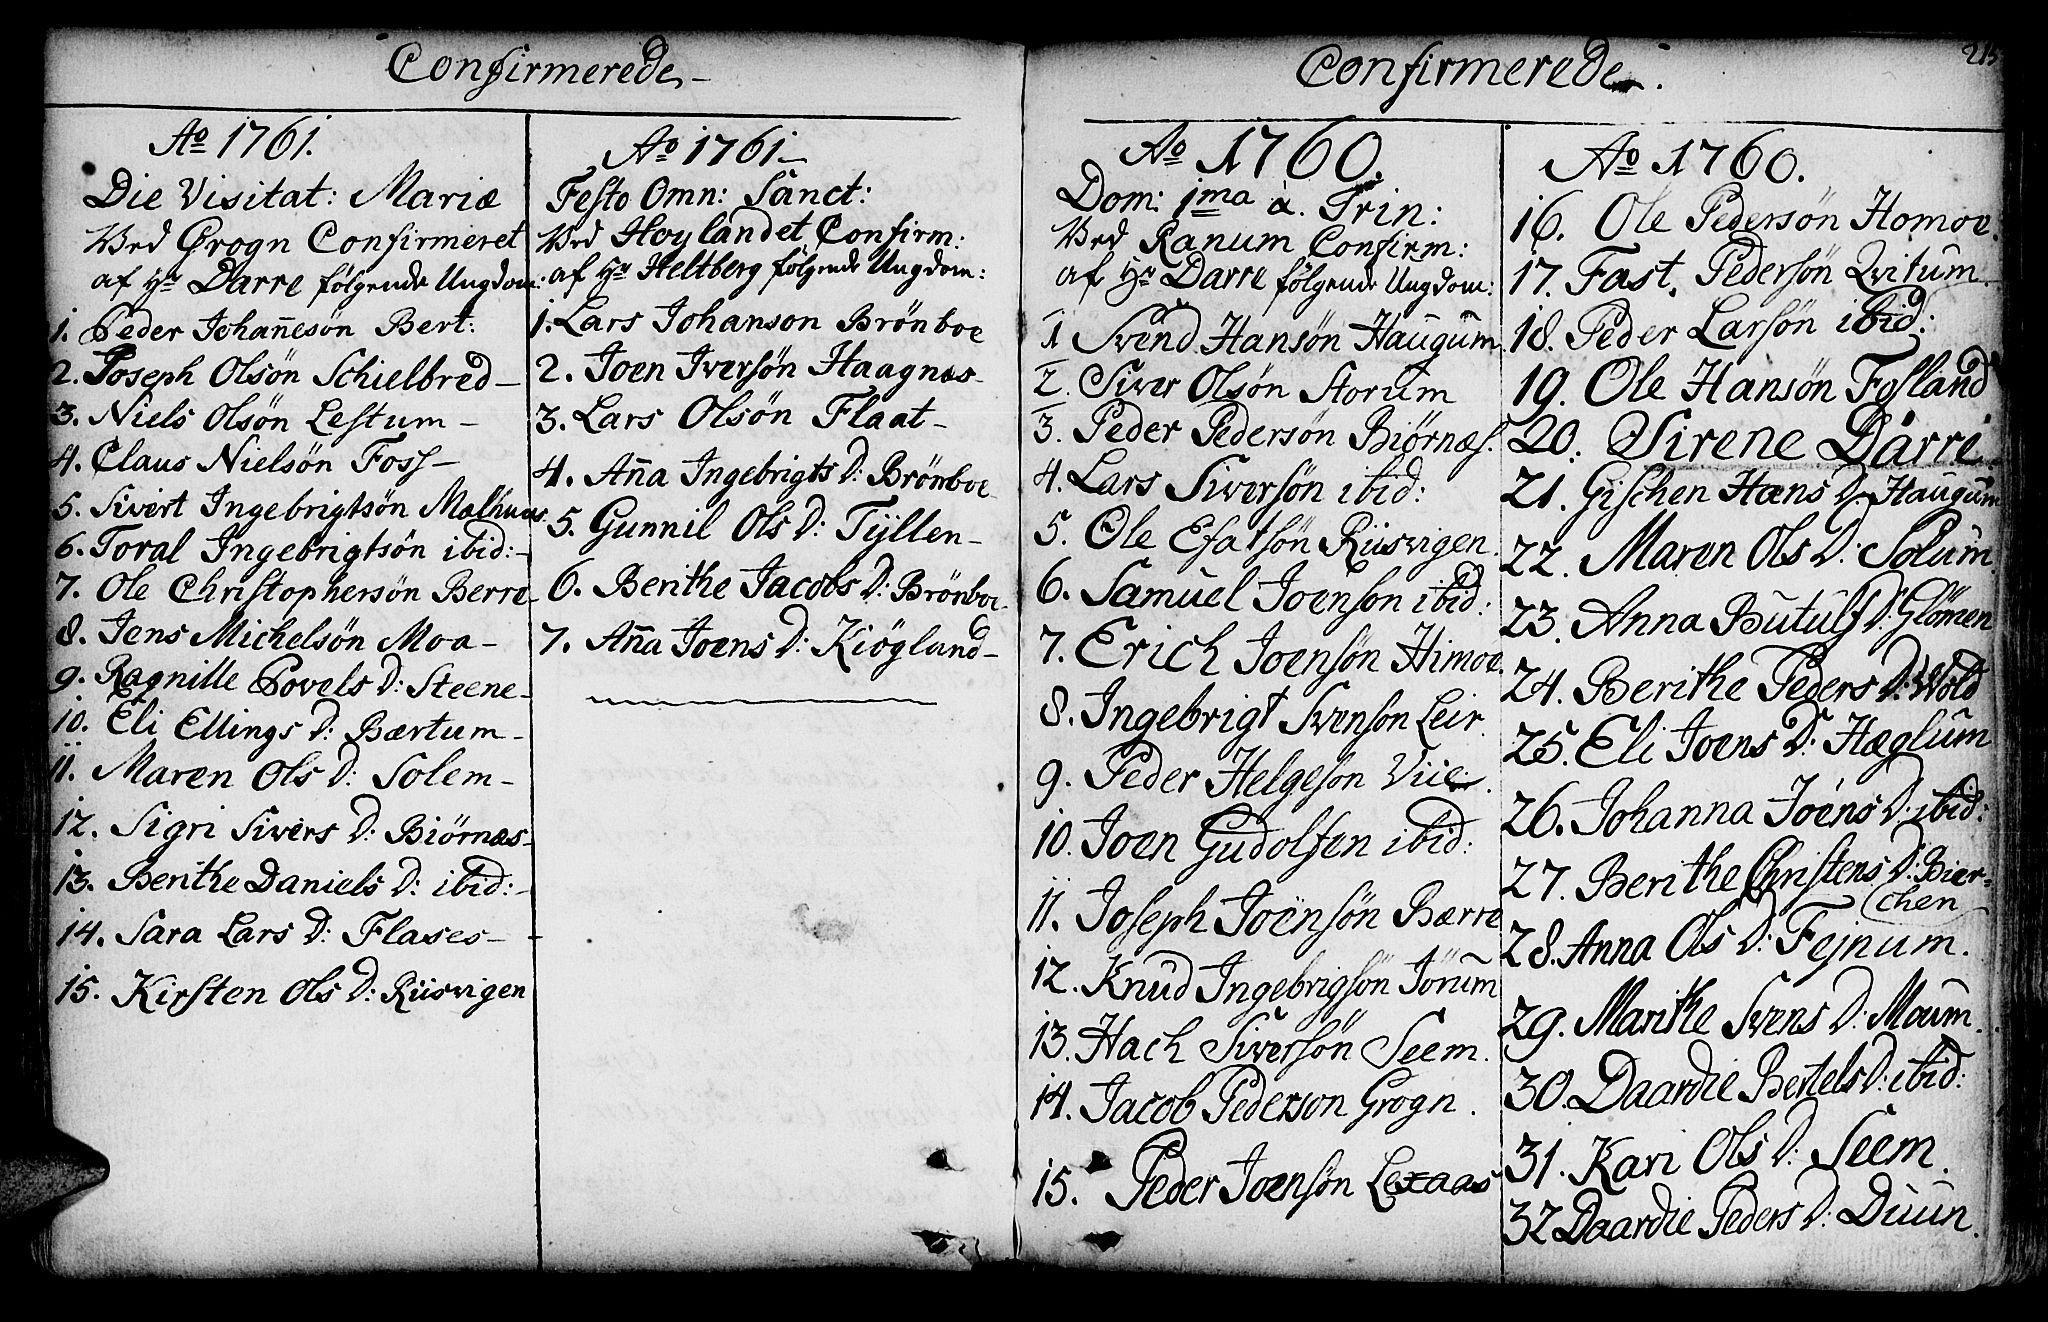 SAT, Ministerialprotokoller, klokkerbøker og fødselsregistre - Nord-Trøndelag, 764/L0542: Ministerialbok nr. 764A02, 1748-1779, s. 215